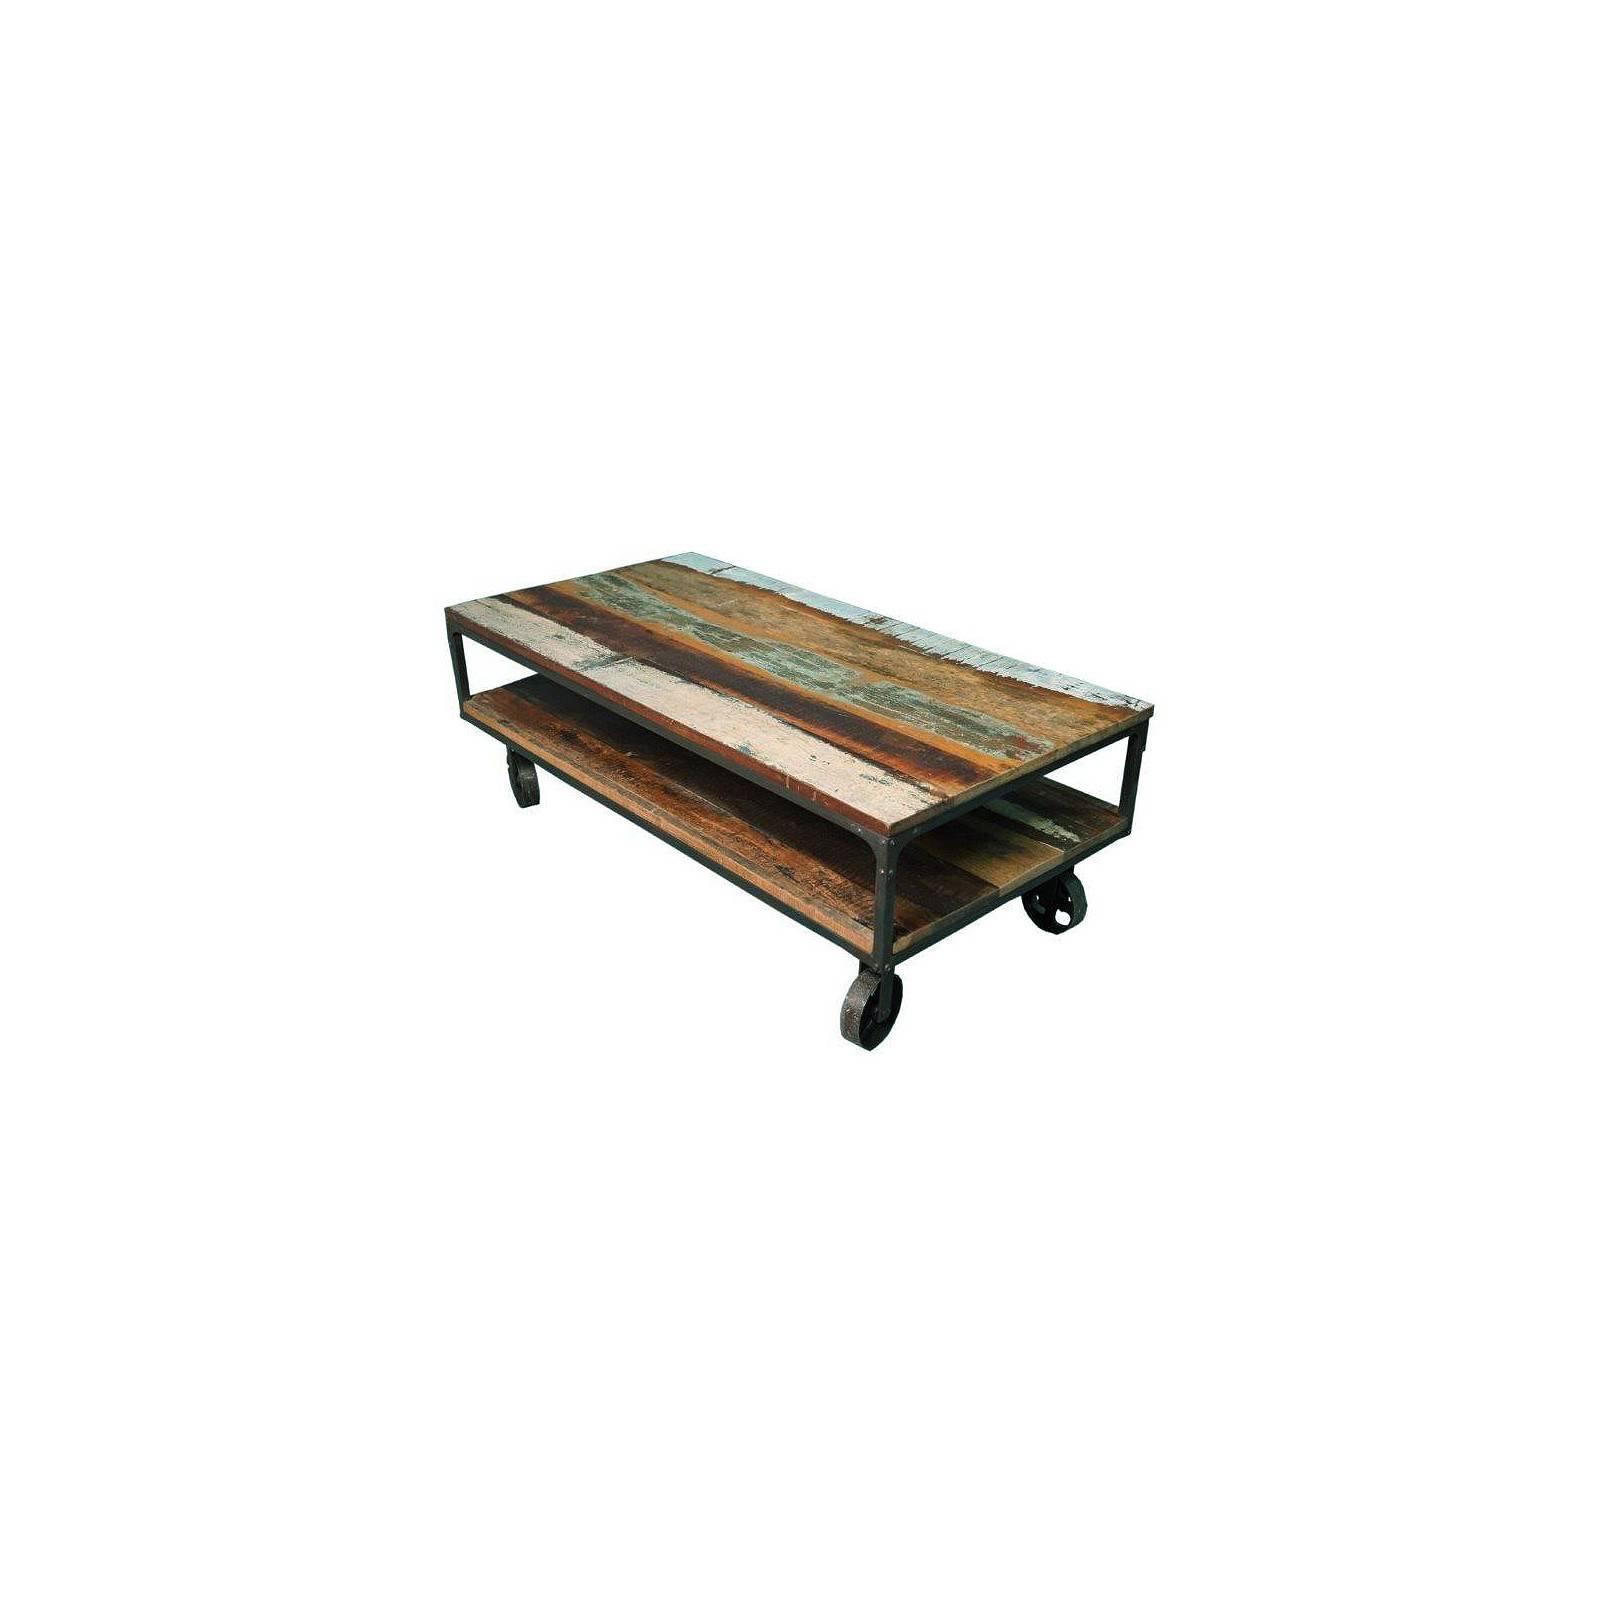 Table basse à roulettes en bois recyclé Butterfly